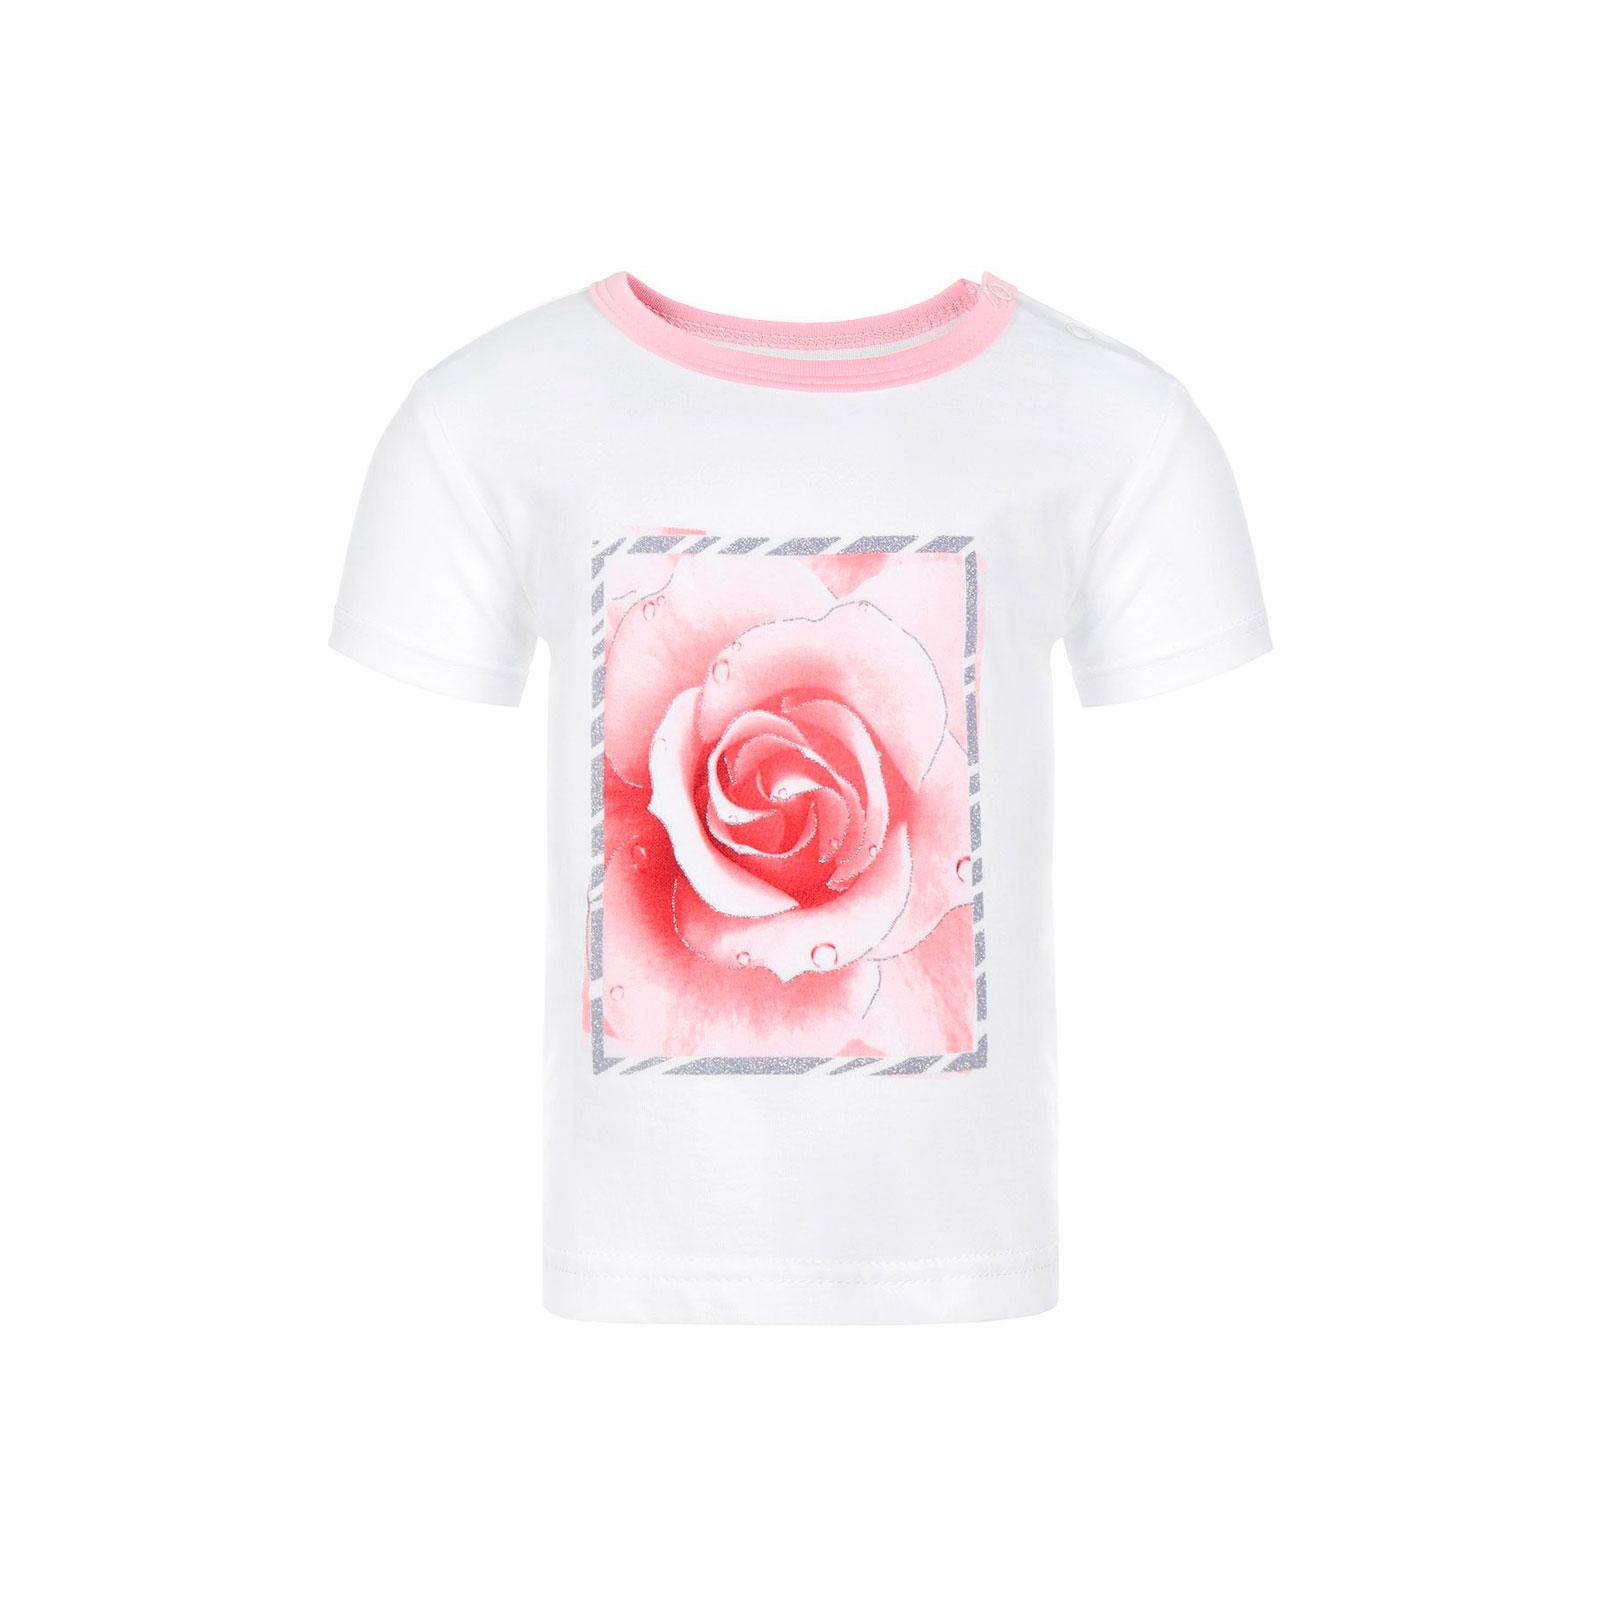 Футболка Котмаркот Розы рост 104 белый<br>